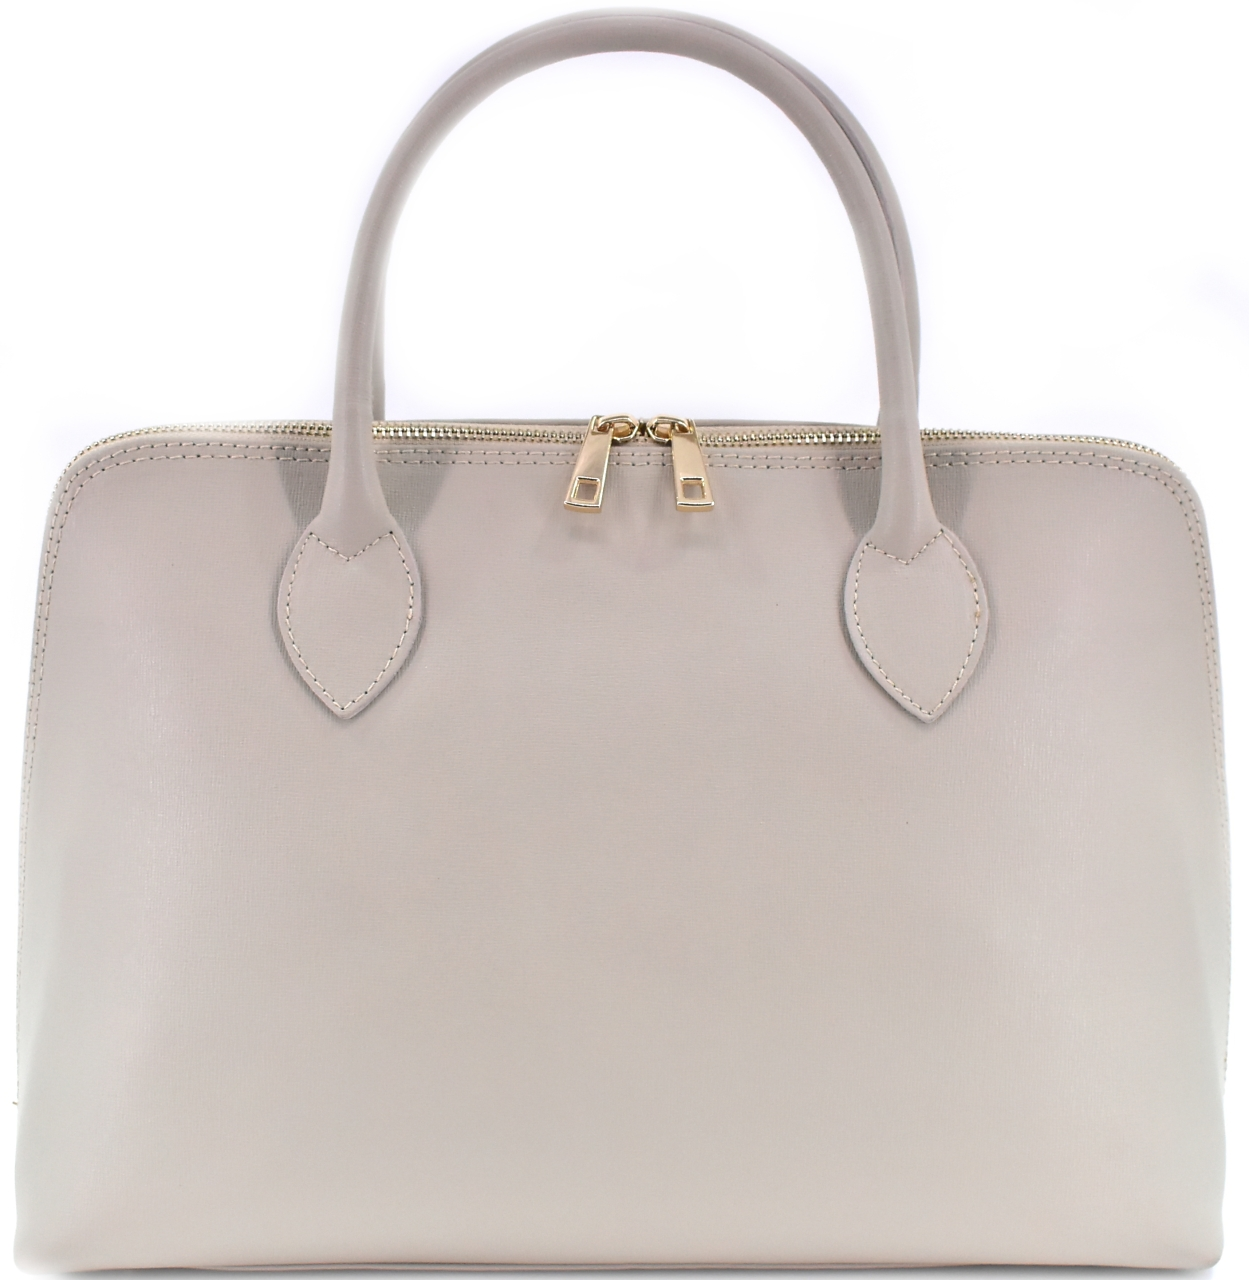 Dámská kožená kabelka Arteddy - béžová 32445